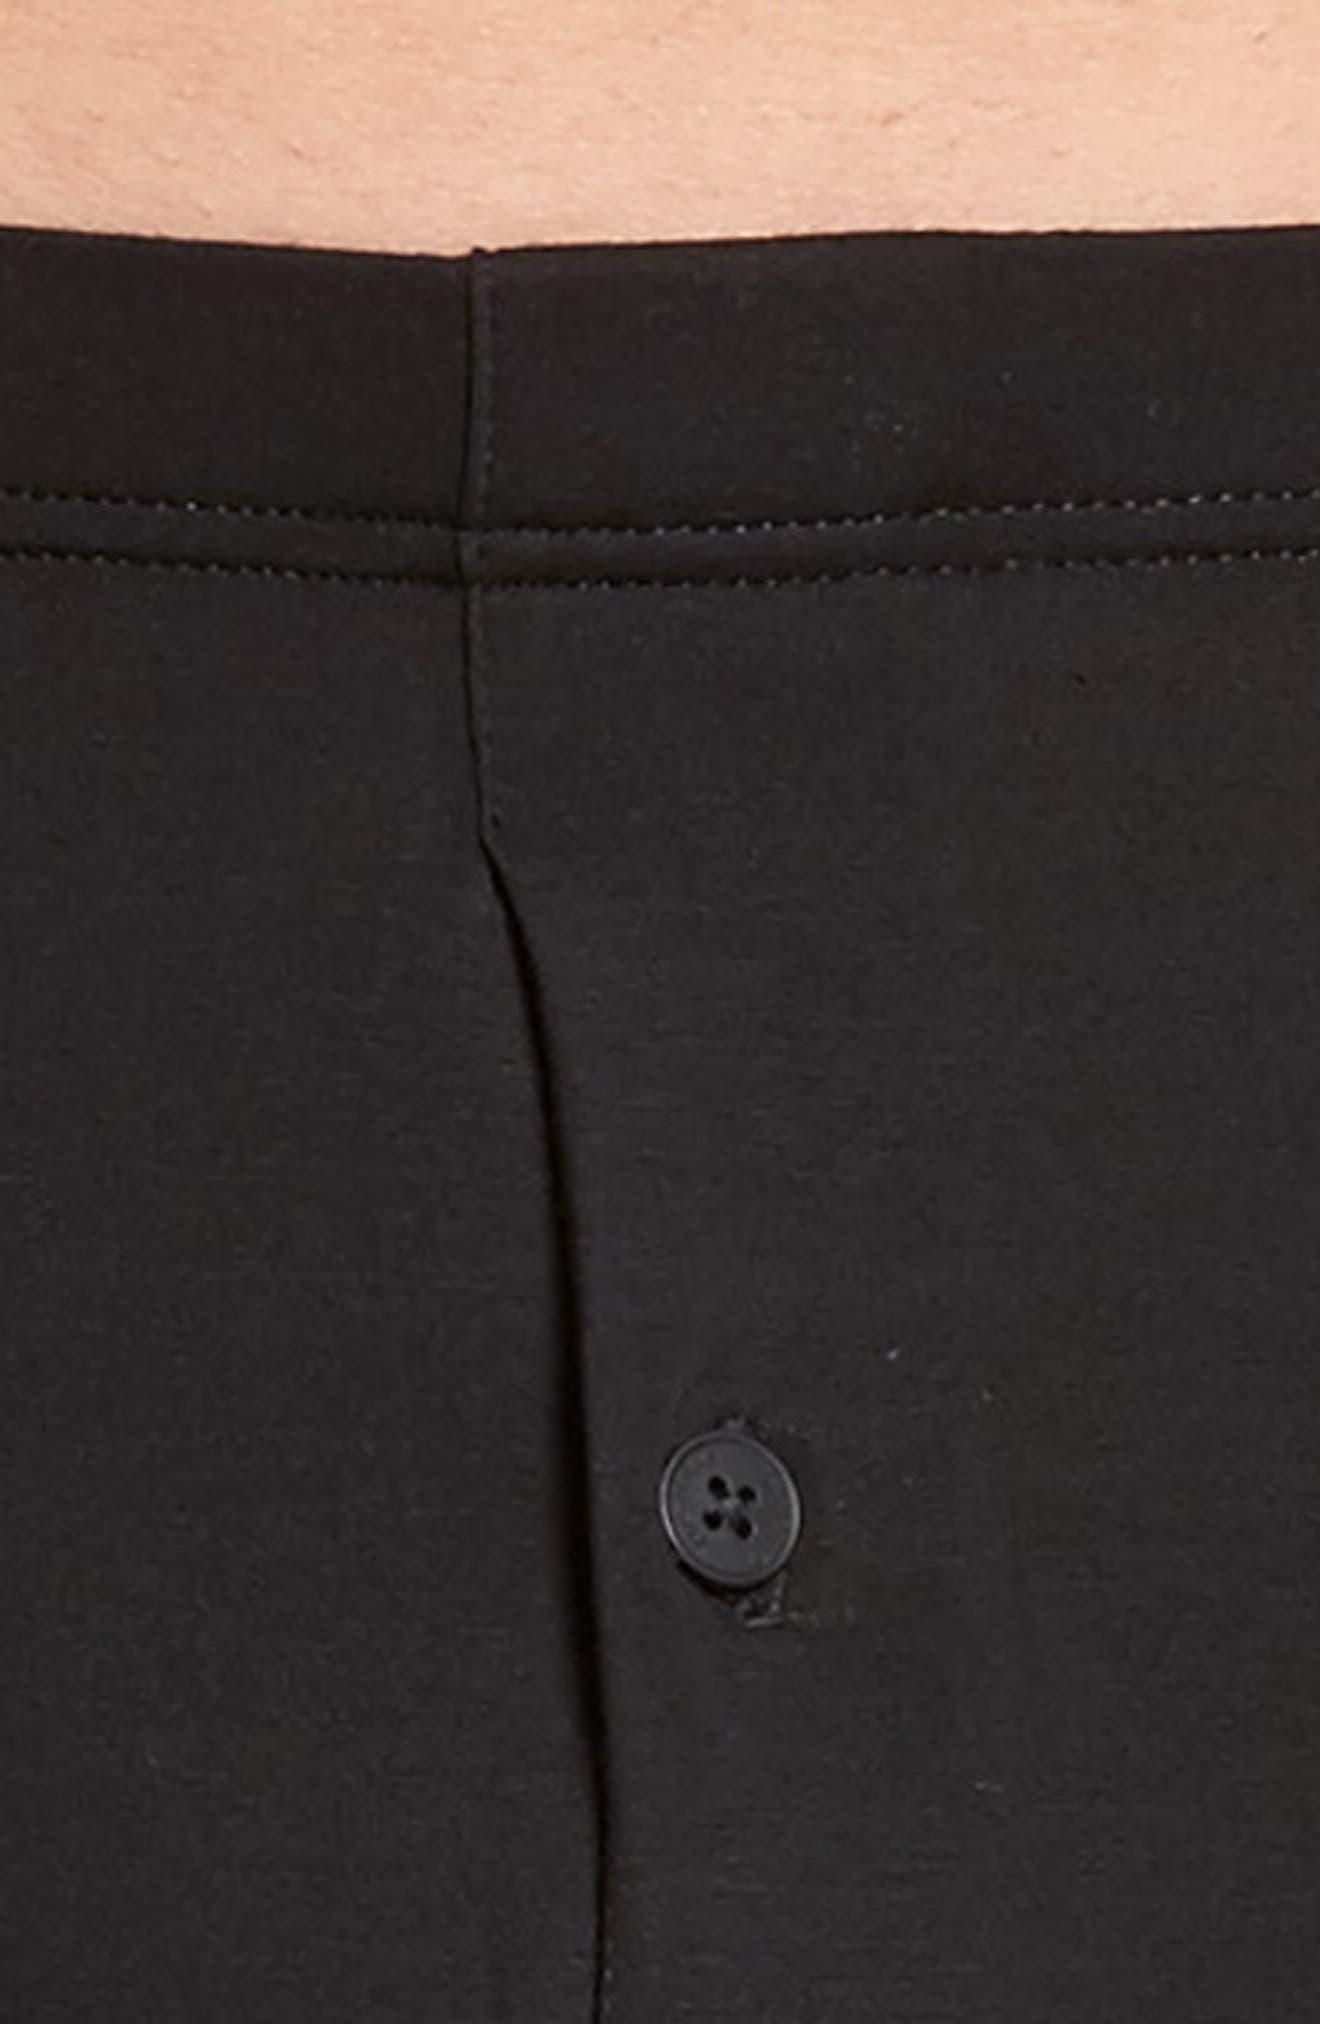 Cotton Sensation Long Leg Boxer Briefs,                             Alternate thumbnail 4, color,                             Black